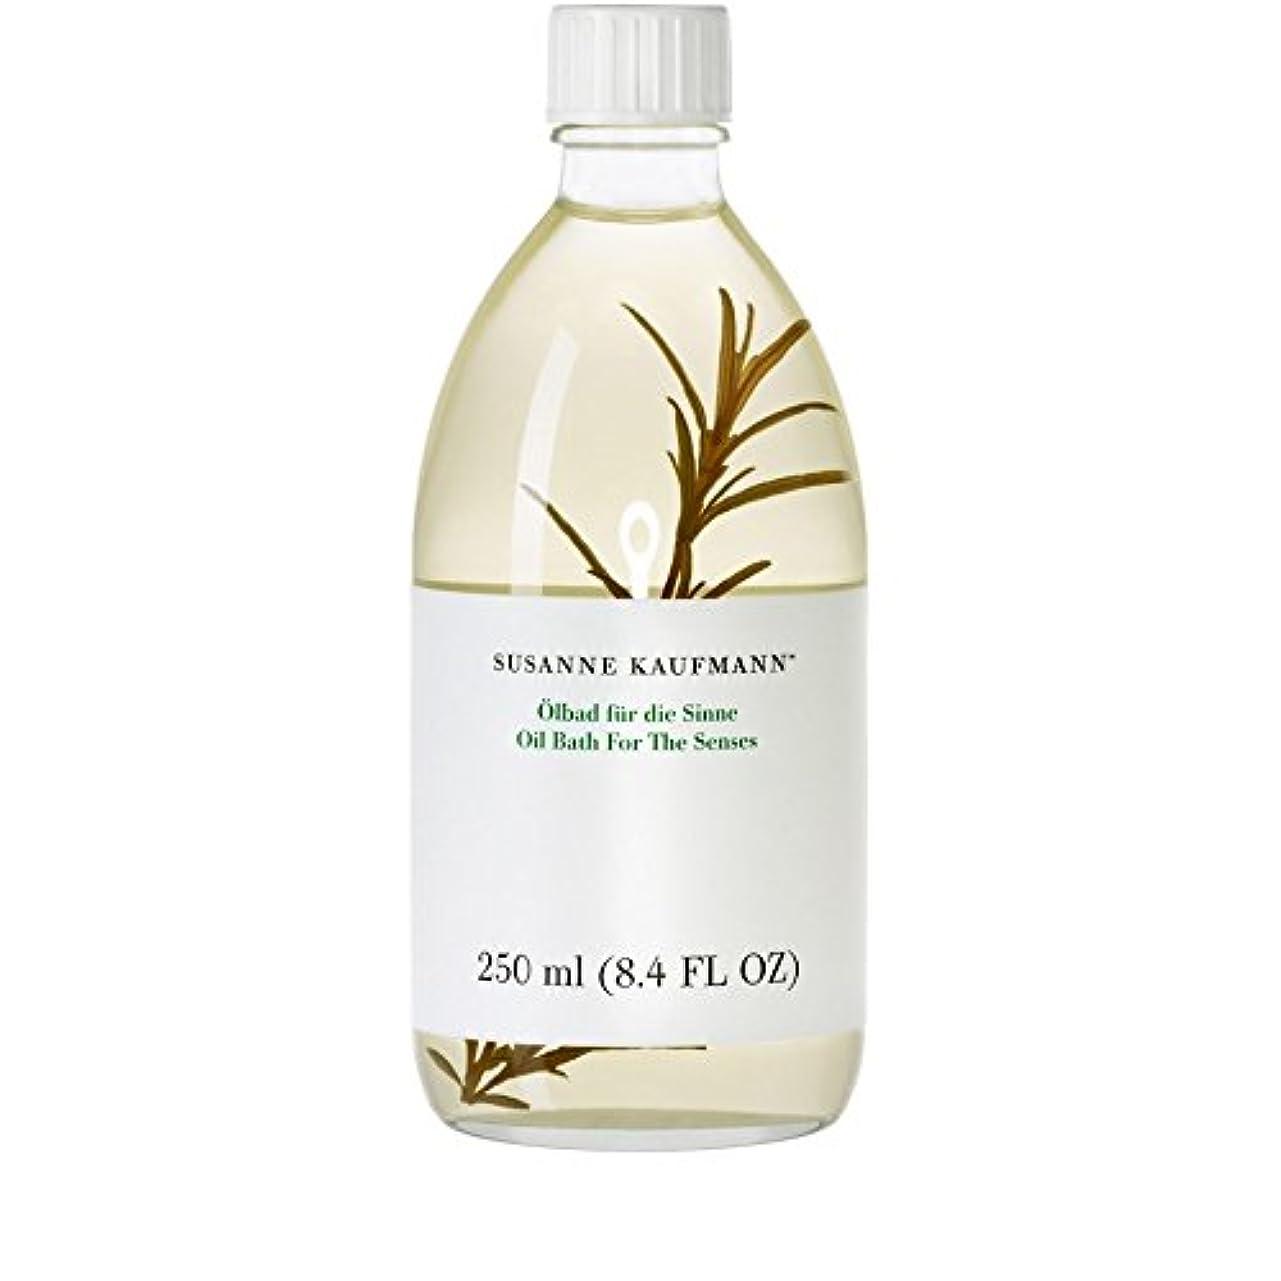 不良病突然Susanne Kaufmann Oil Bath for the Senses 250ml - 250ミリリットルの感覚のためのスザンヌカウフマンオイルバス [並行輸入品]